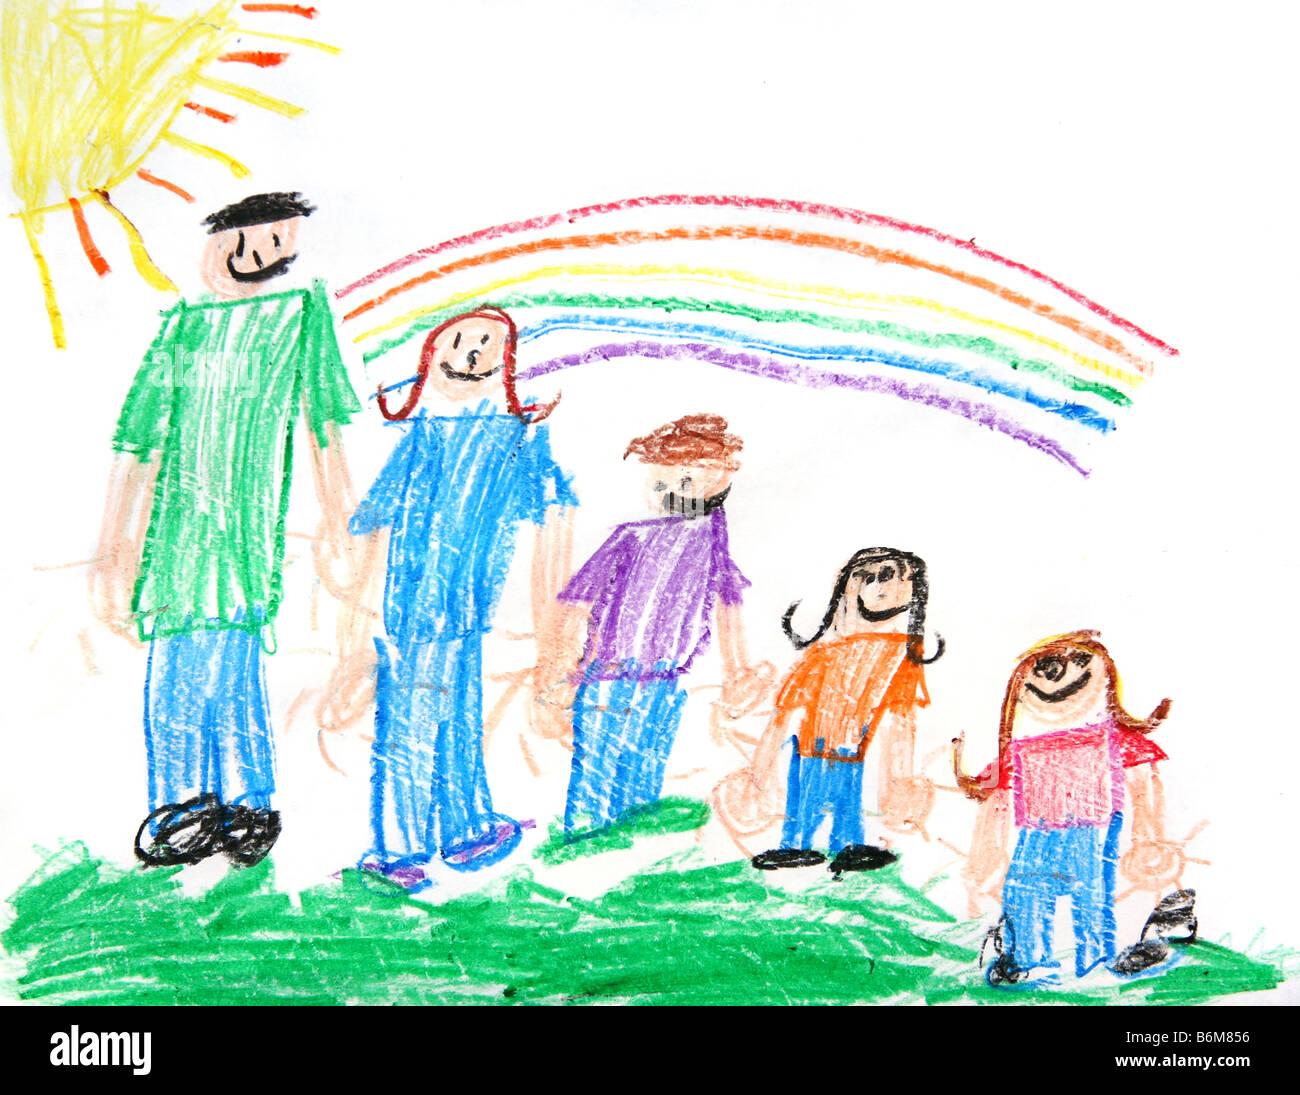 Childs Lápiz primitivo Dibujo de una familia de 5 personas con un sol y un arco iris Imagen De Stock